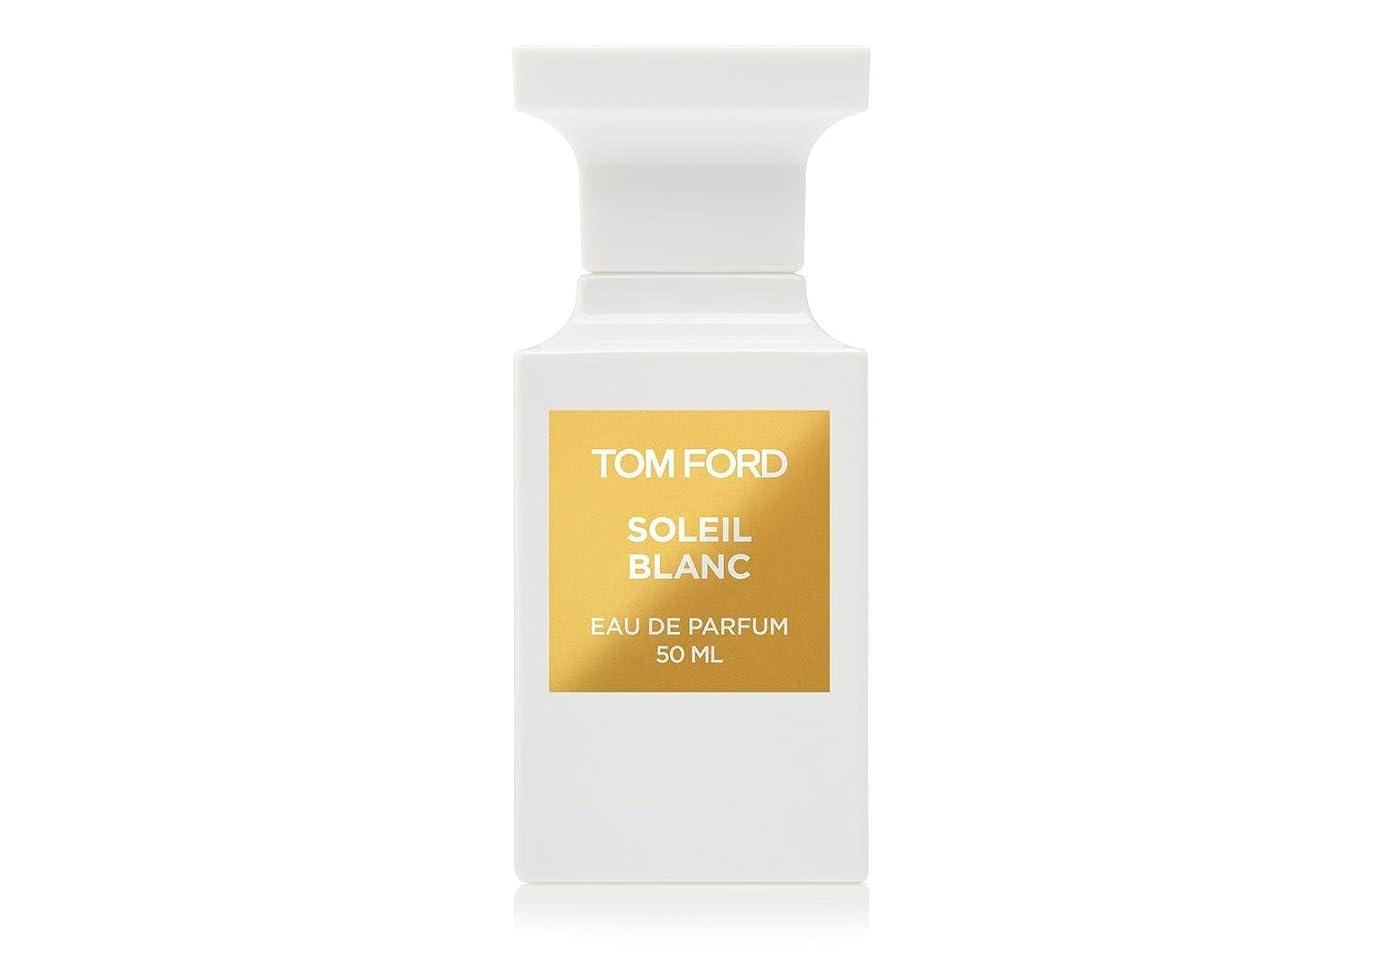 反響する袋スキャンTom Ford Private Blend 'Soleil Blanc' (トムフォード プライベートブレンド ソレイユ ブラン) 1.7 oz (50ml) EDP Spray